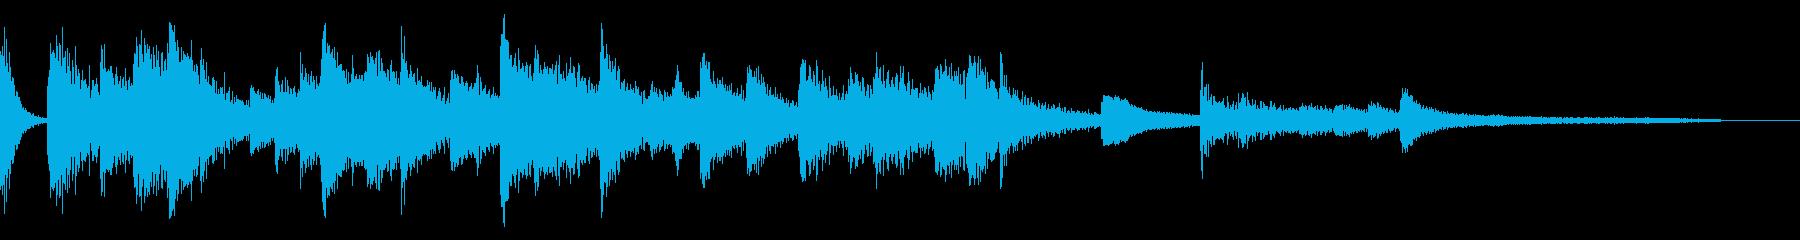 ボサノバ風のおしゃれなジングル・場面転換の再生済みの波形